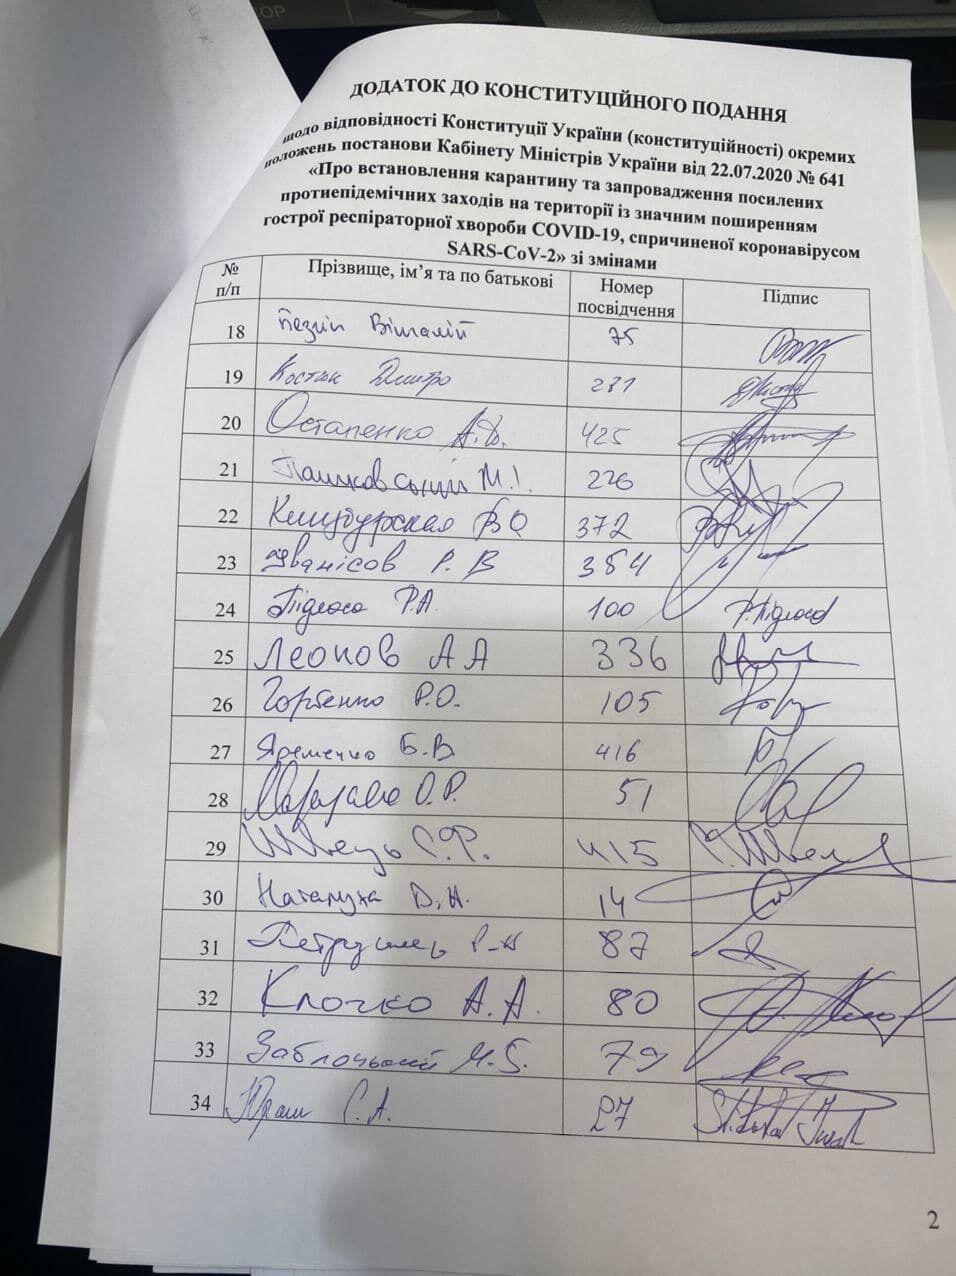 Подання підписали 45 депутатів ВР